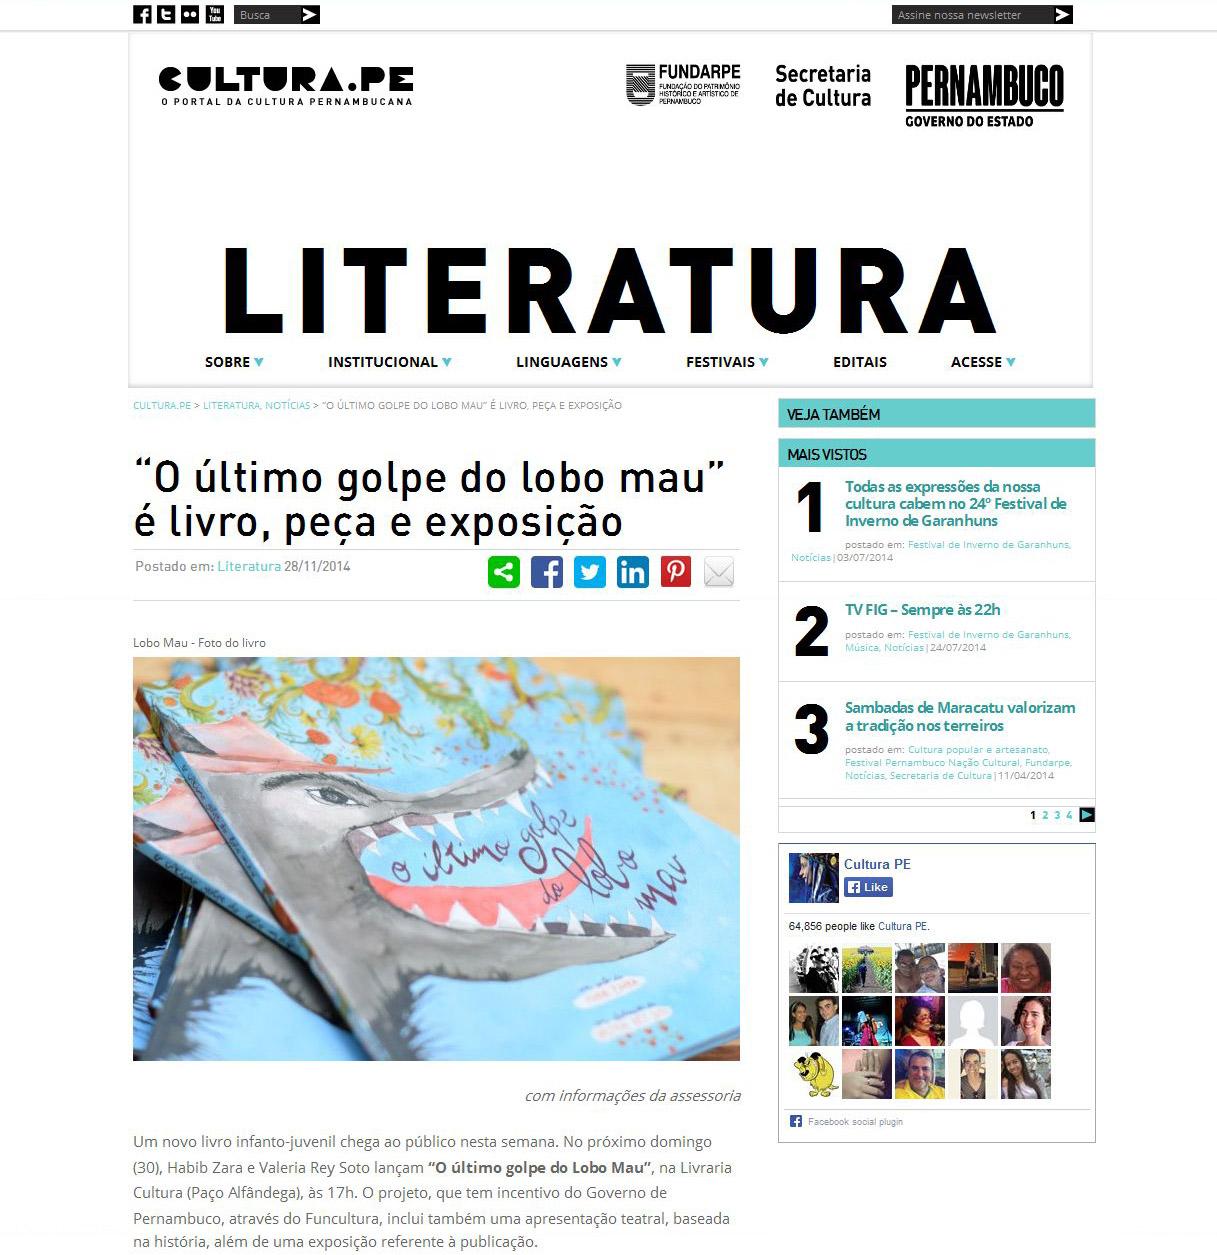 14-11-28 Cultura.PE pág 1